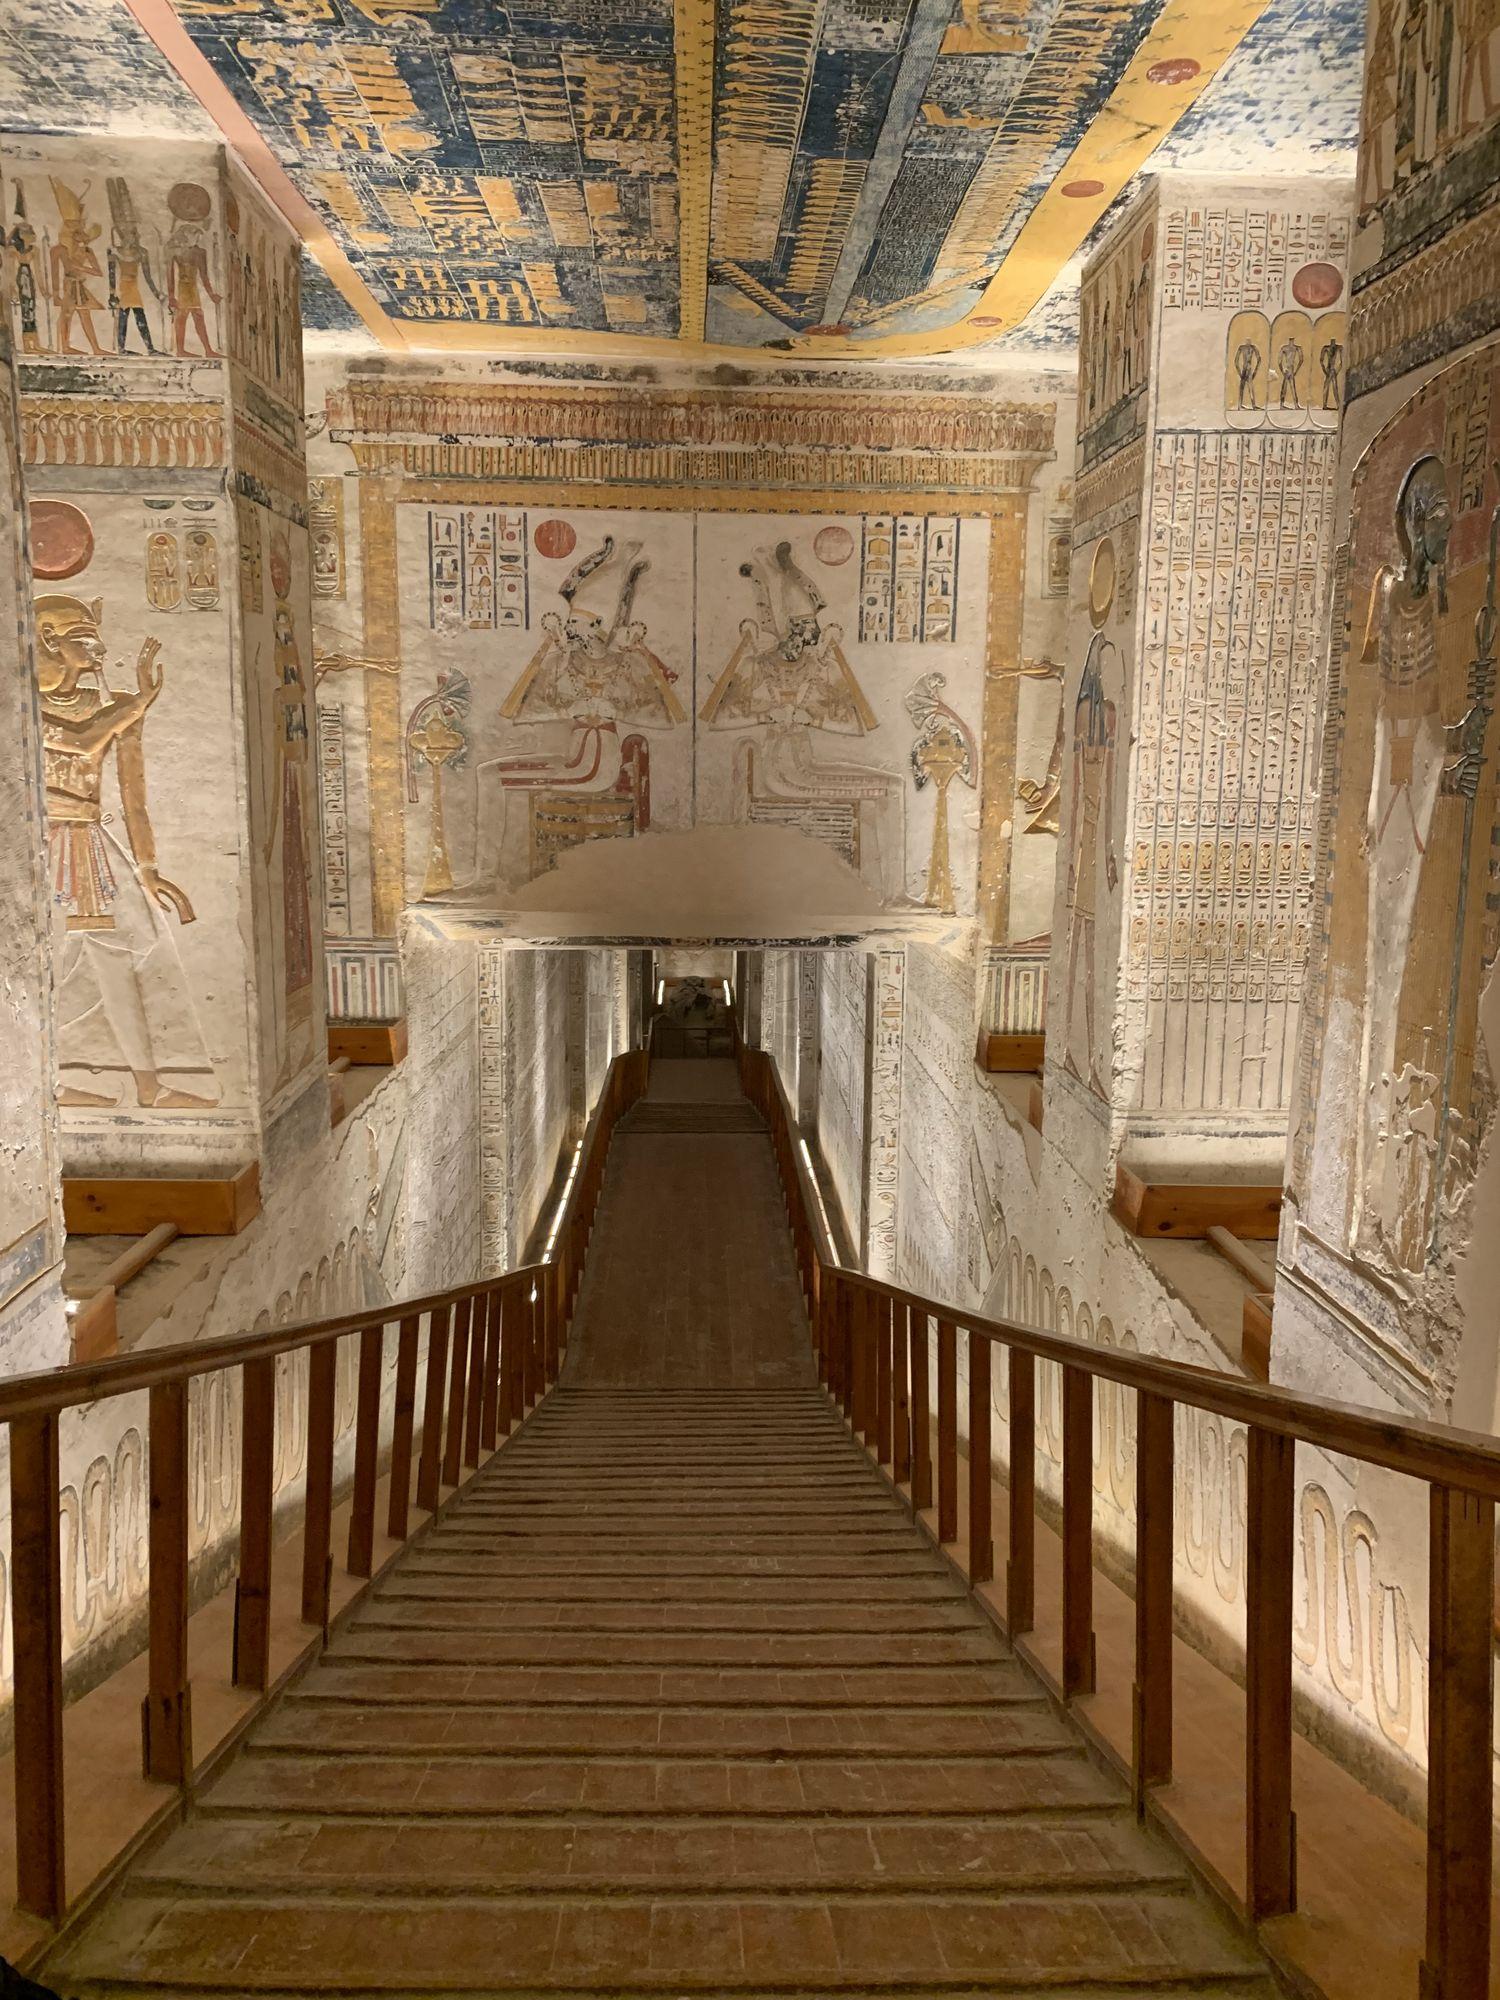 Antiguo Egipto - Valle de los Reyes - Egiptología